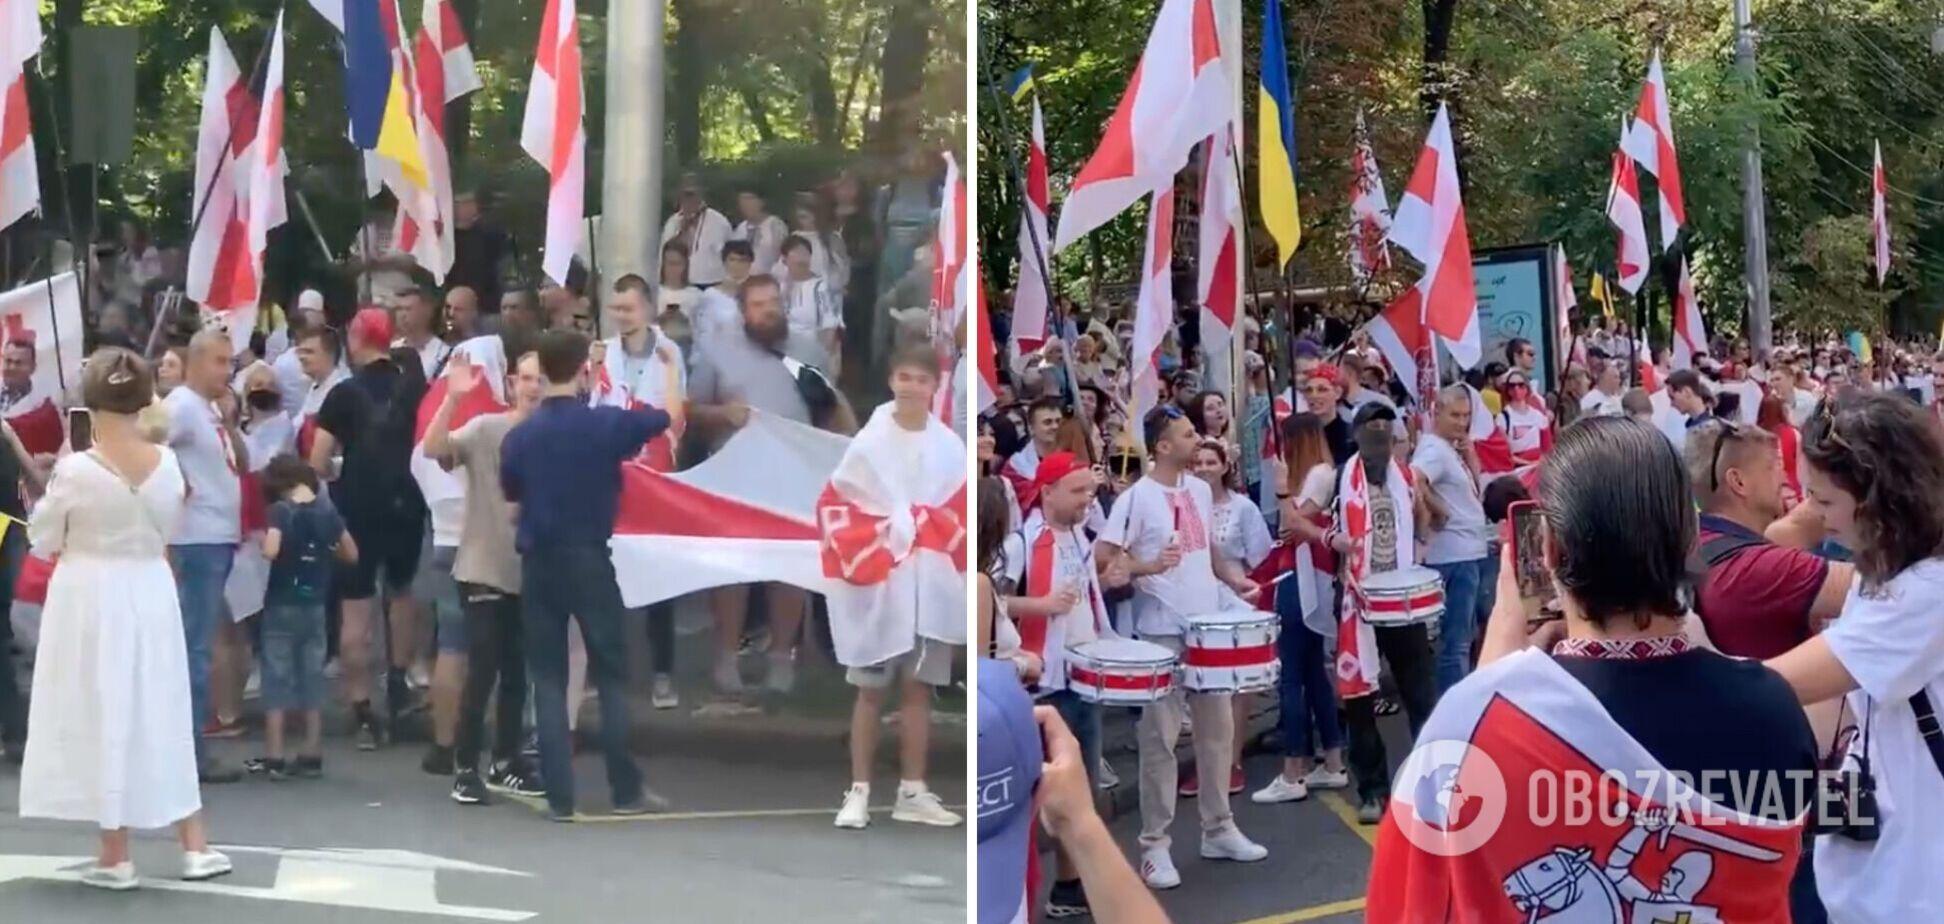 В Киеве в День Независимости исполнили знаменитую кричалку о Путине. Видео 18+